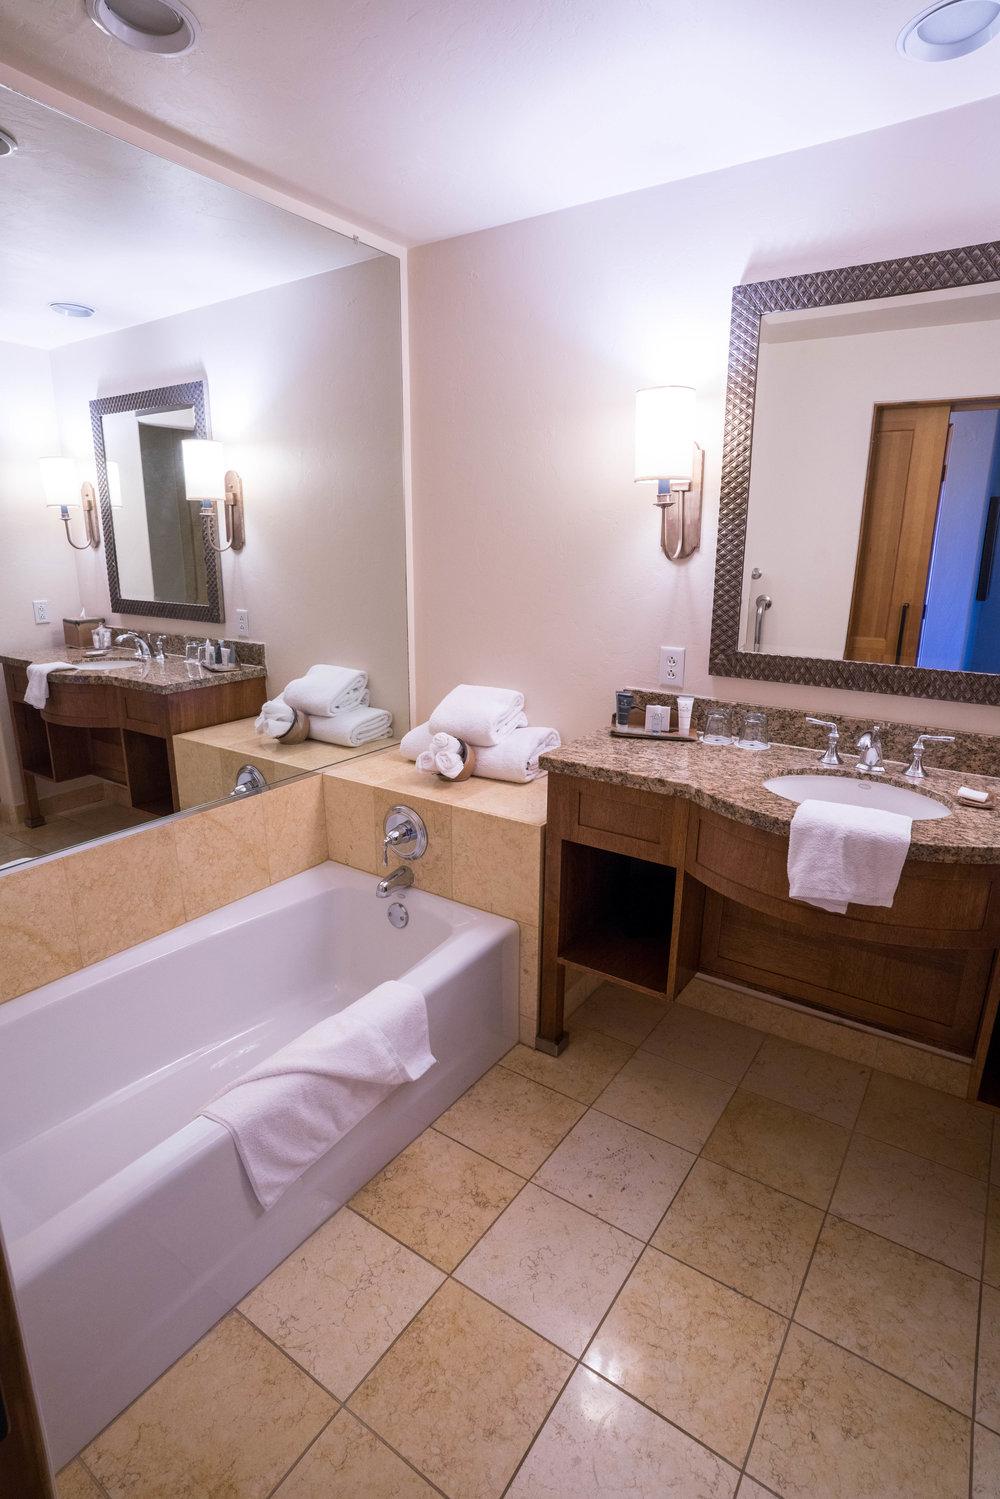 rooms1 (1 of 1).jpg